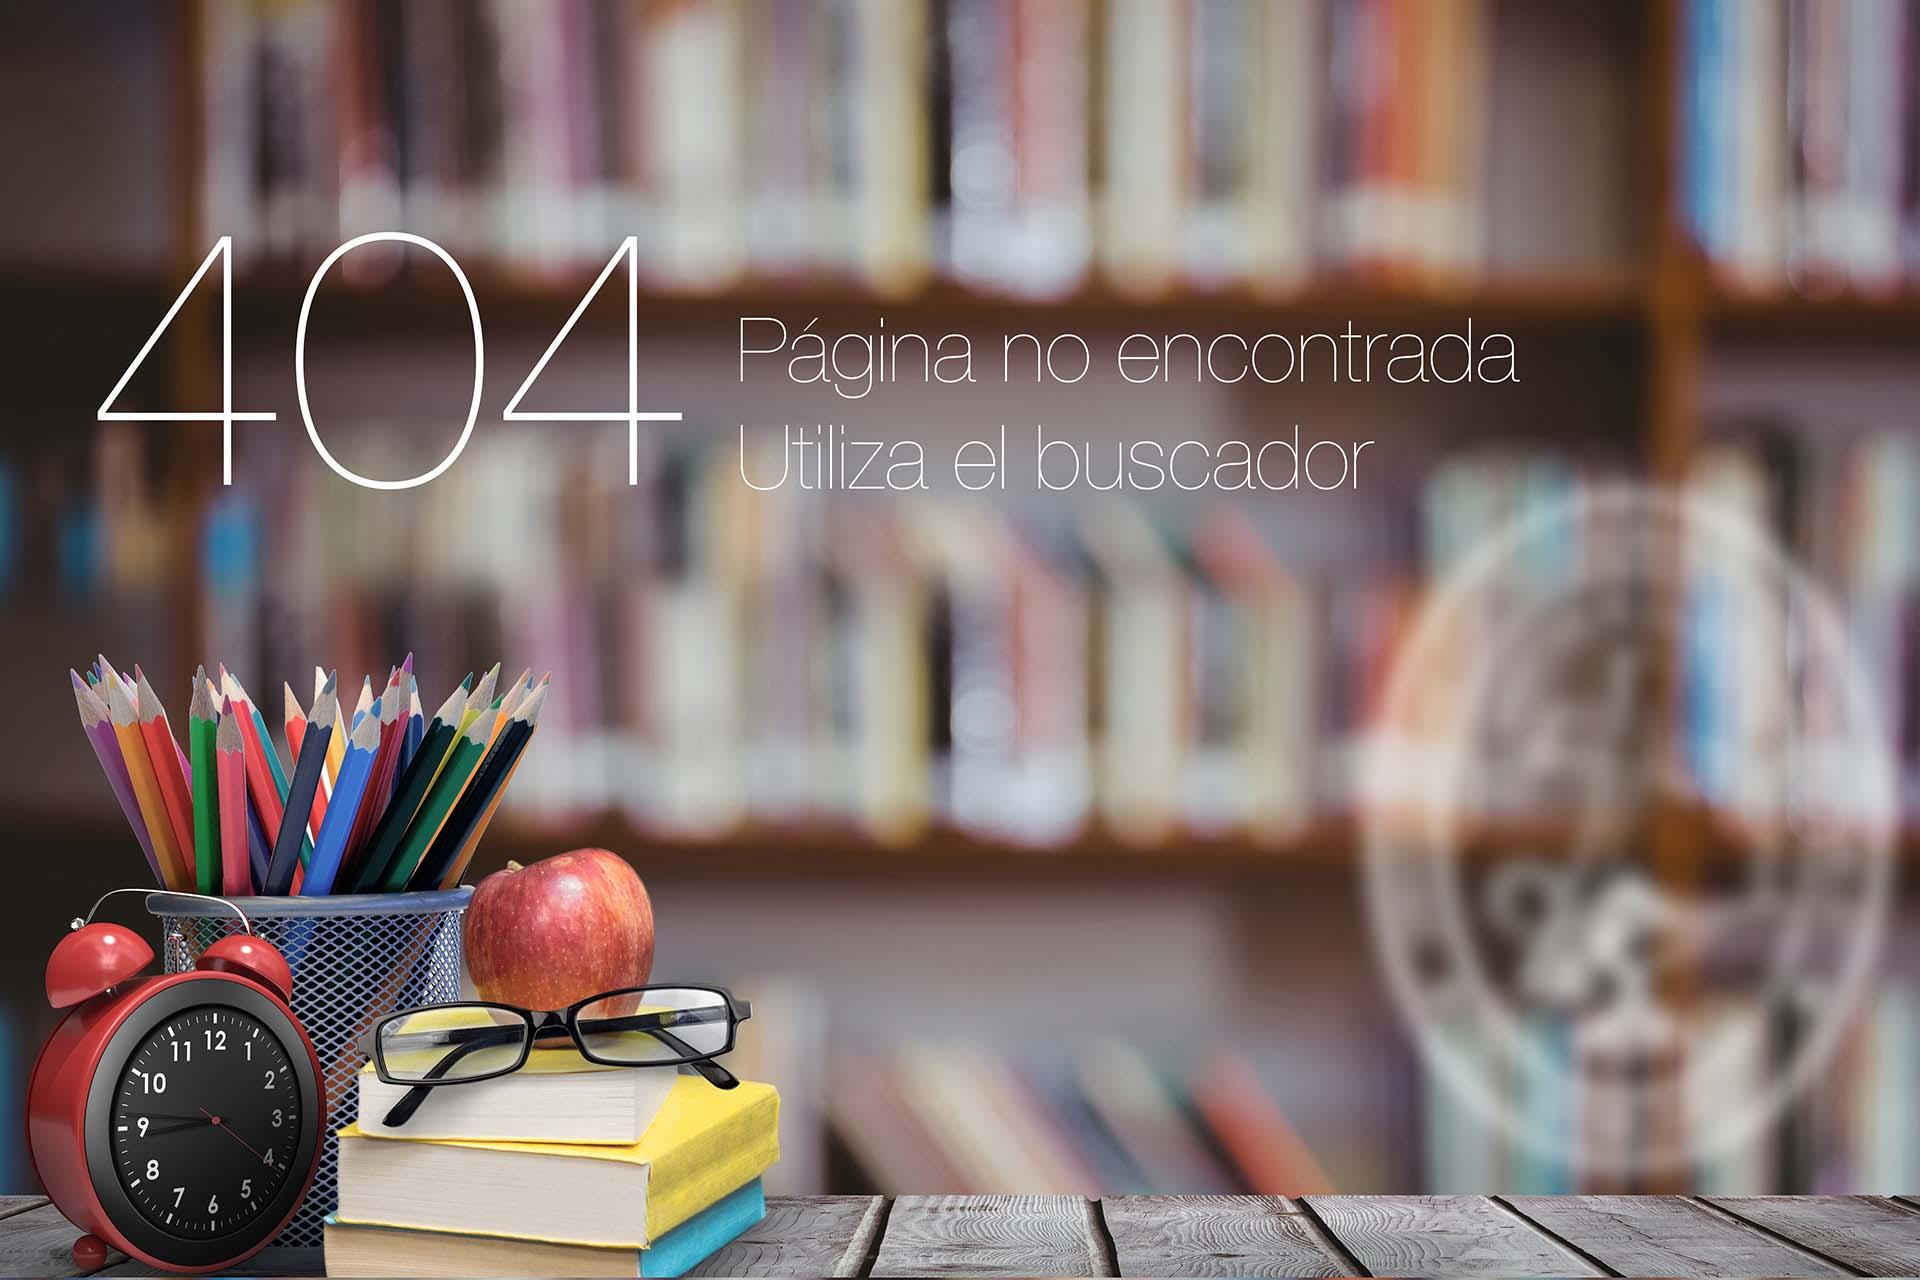 Página no encontrada error 404 - Universidad Católica Boliviana San Pablo Unidad Académica Cochabamba